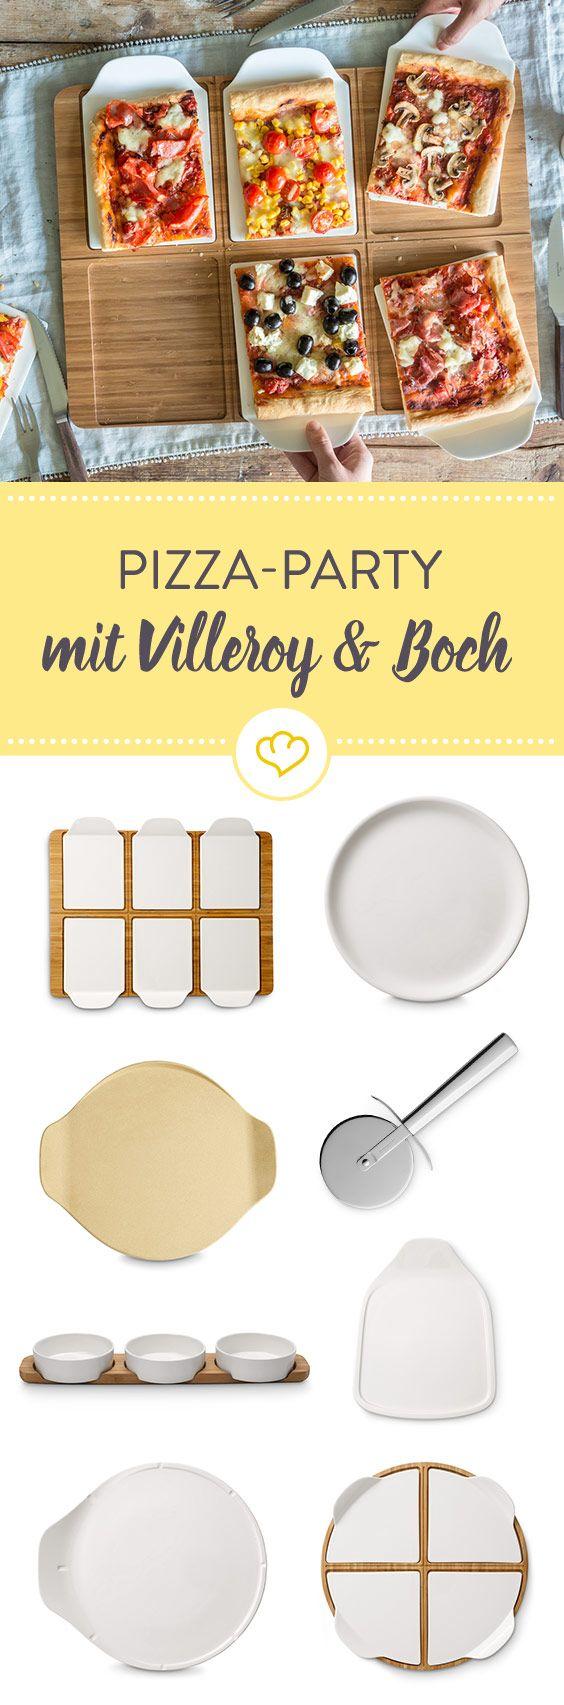 Ob Pizzaschneider, Pizzateller oder Pizzastein - mit Villeroy & Boch kann die nächste Pizza-Party kommen!